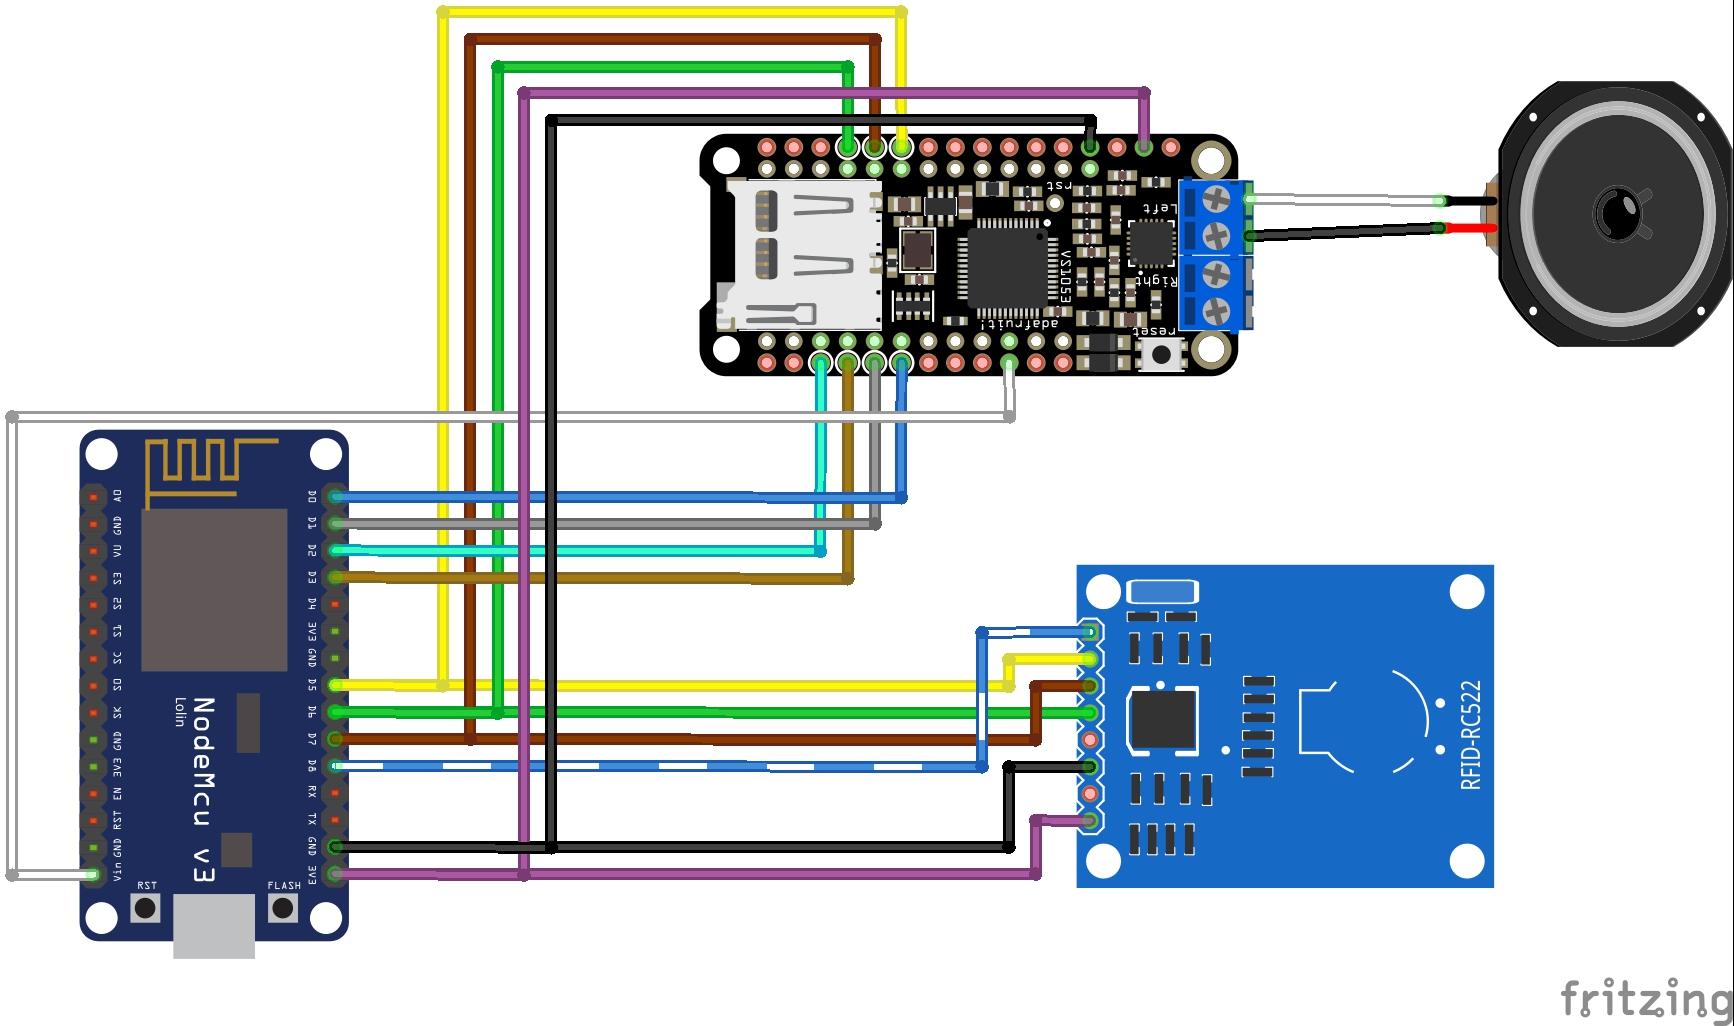 images/wiring_music_maker.jpg